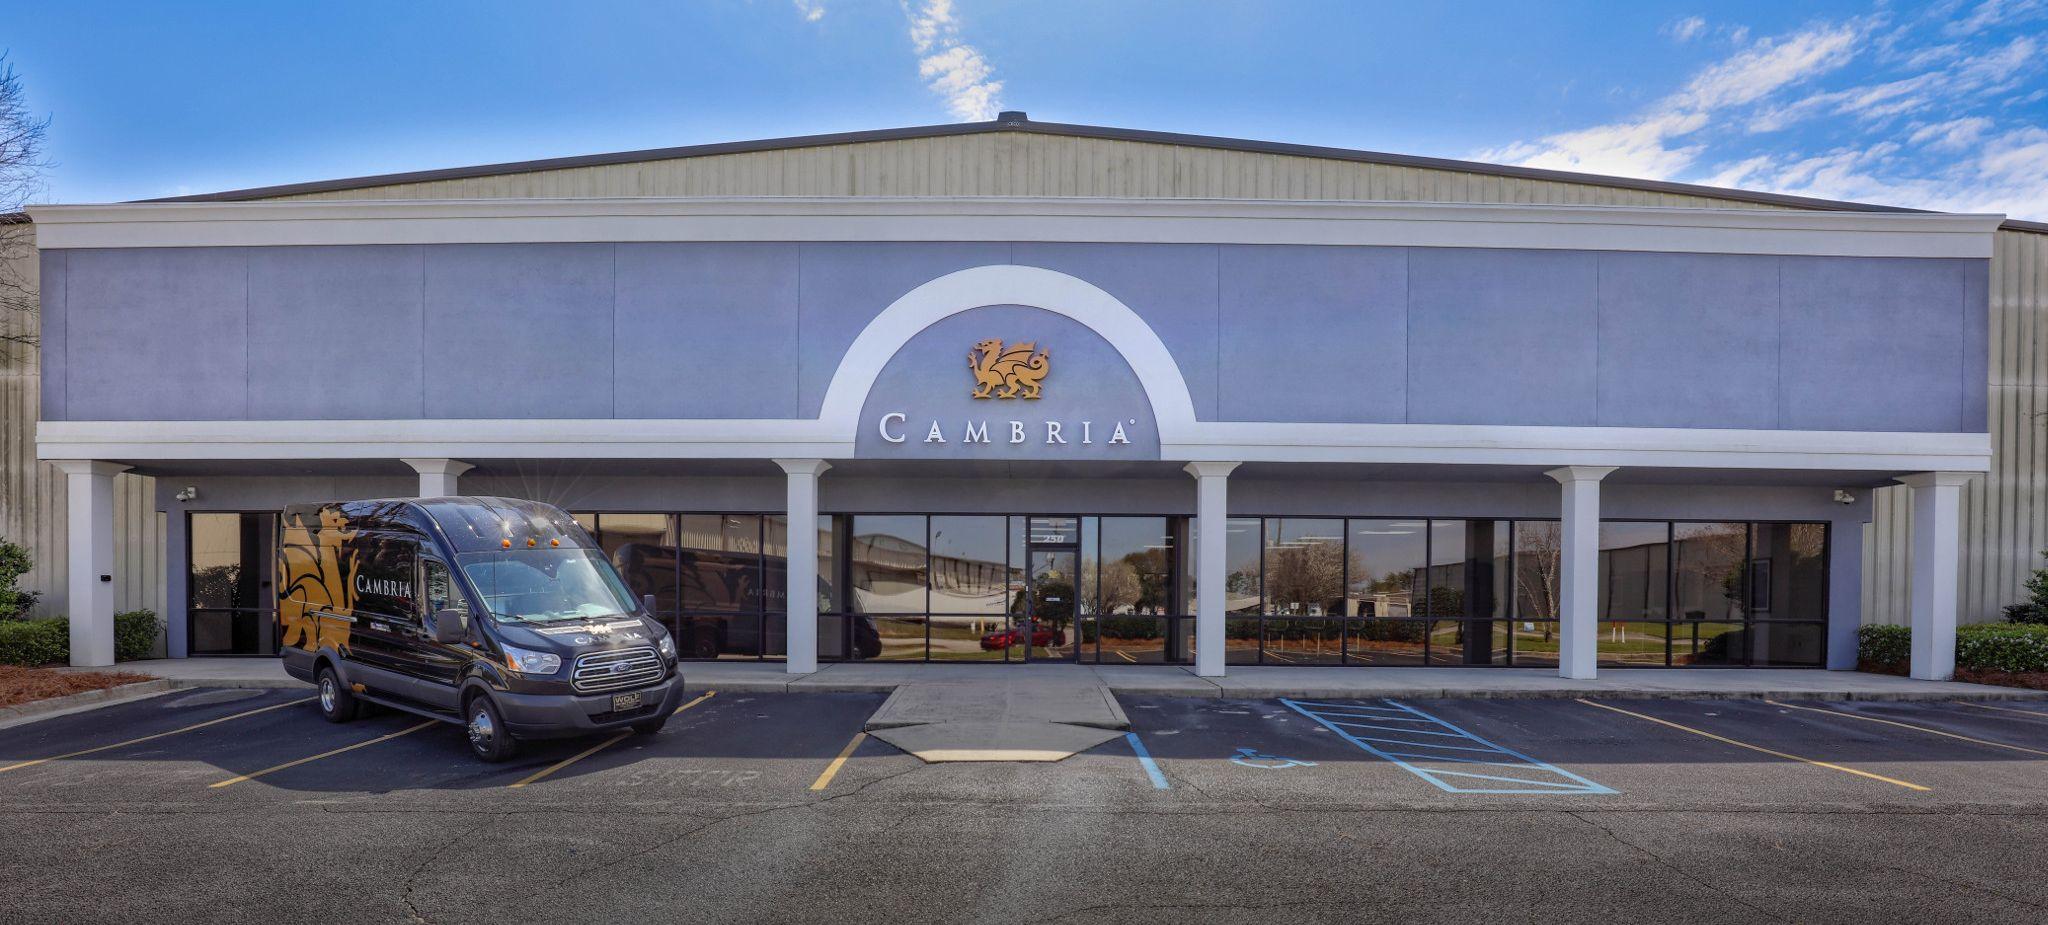 Cambria DC_Mobile_Modarelli_001_19.jpg